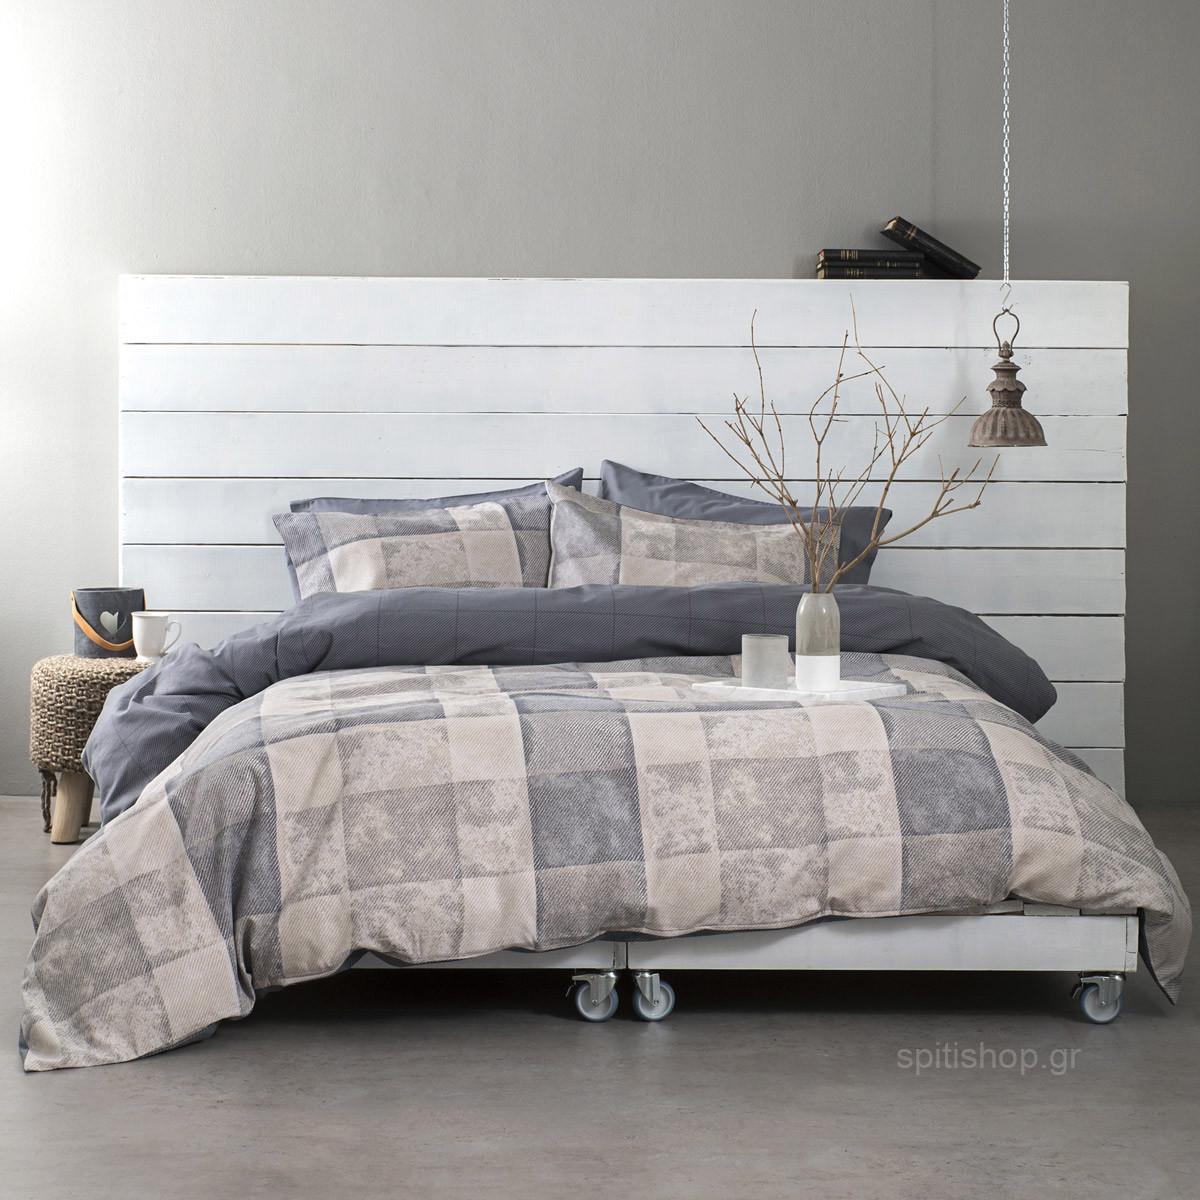 Φανελένια Παπλωματοθήκη Μονή (Σετ) Nima Bed Linen Meddley